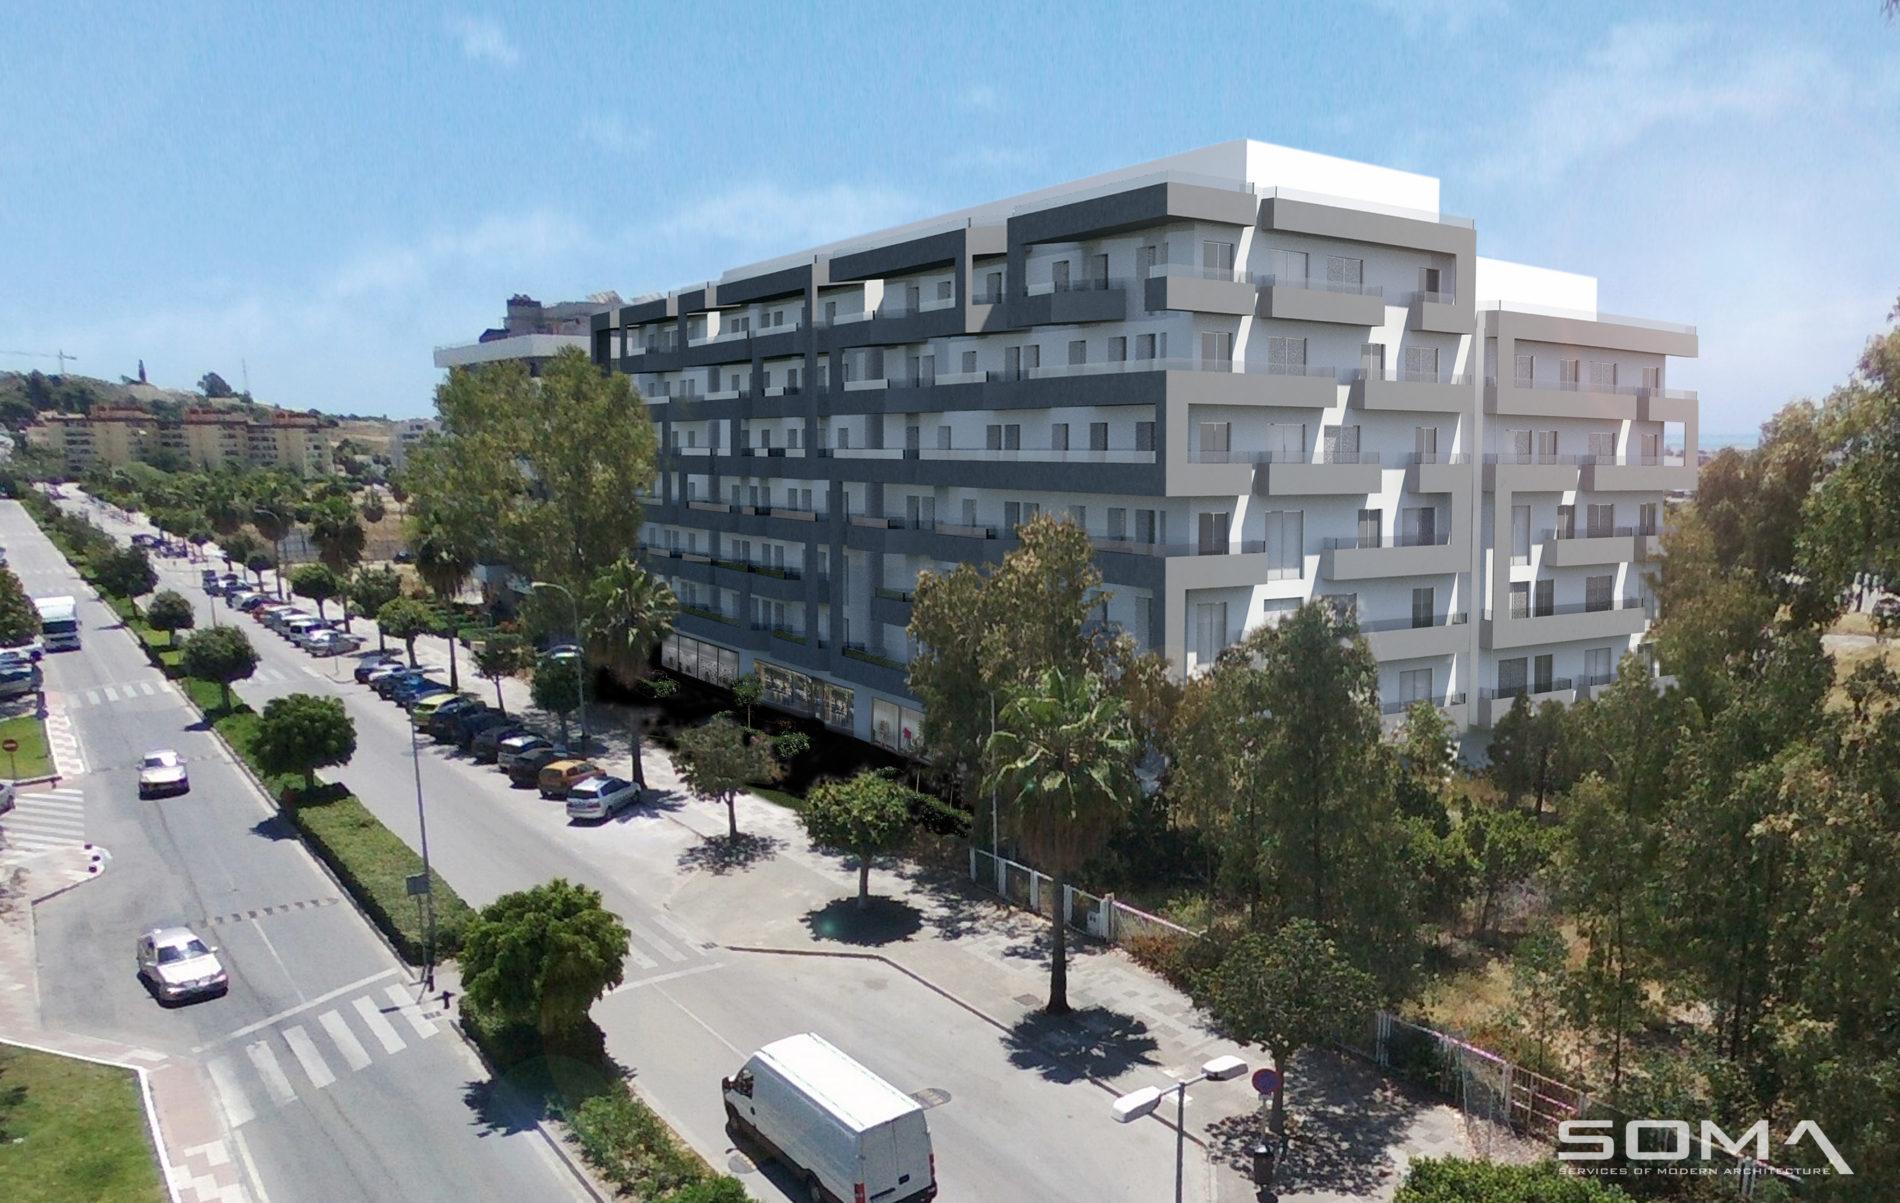 Obra nueva. Promoción de 90 viviendas, locales comerciales y garajes en Nueva Andalucía, Marbella